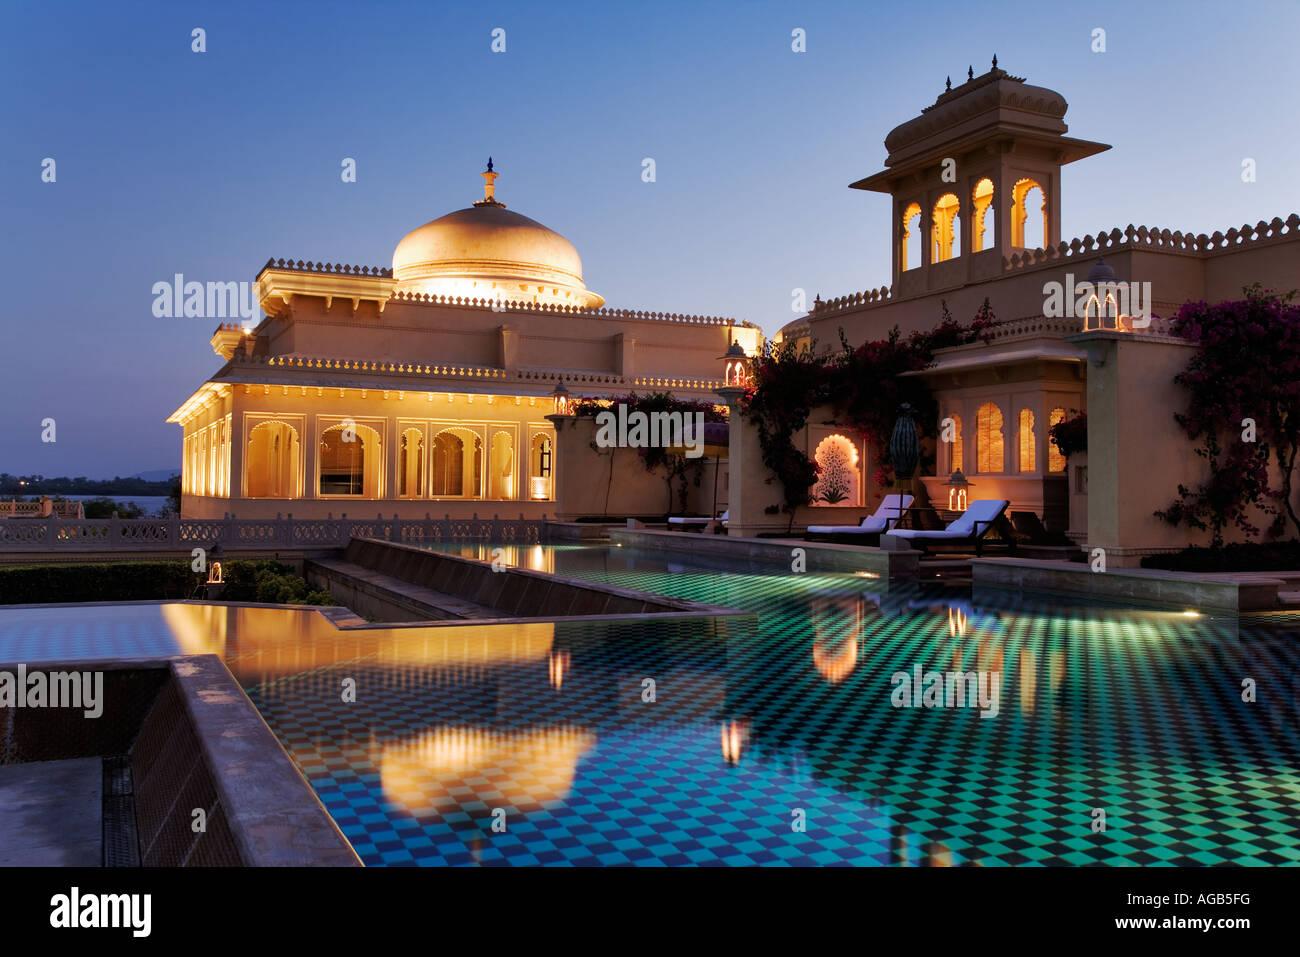 Udaivilâs esclusivo hotel Oberoi di notte affacciato sul cristallina piscina Udaipur Foto Stock